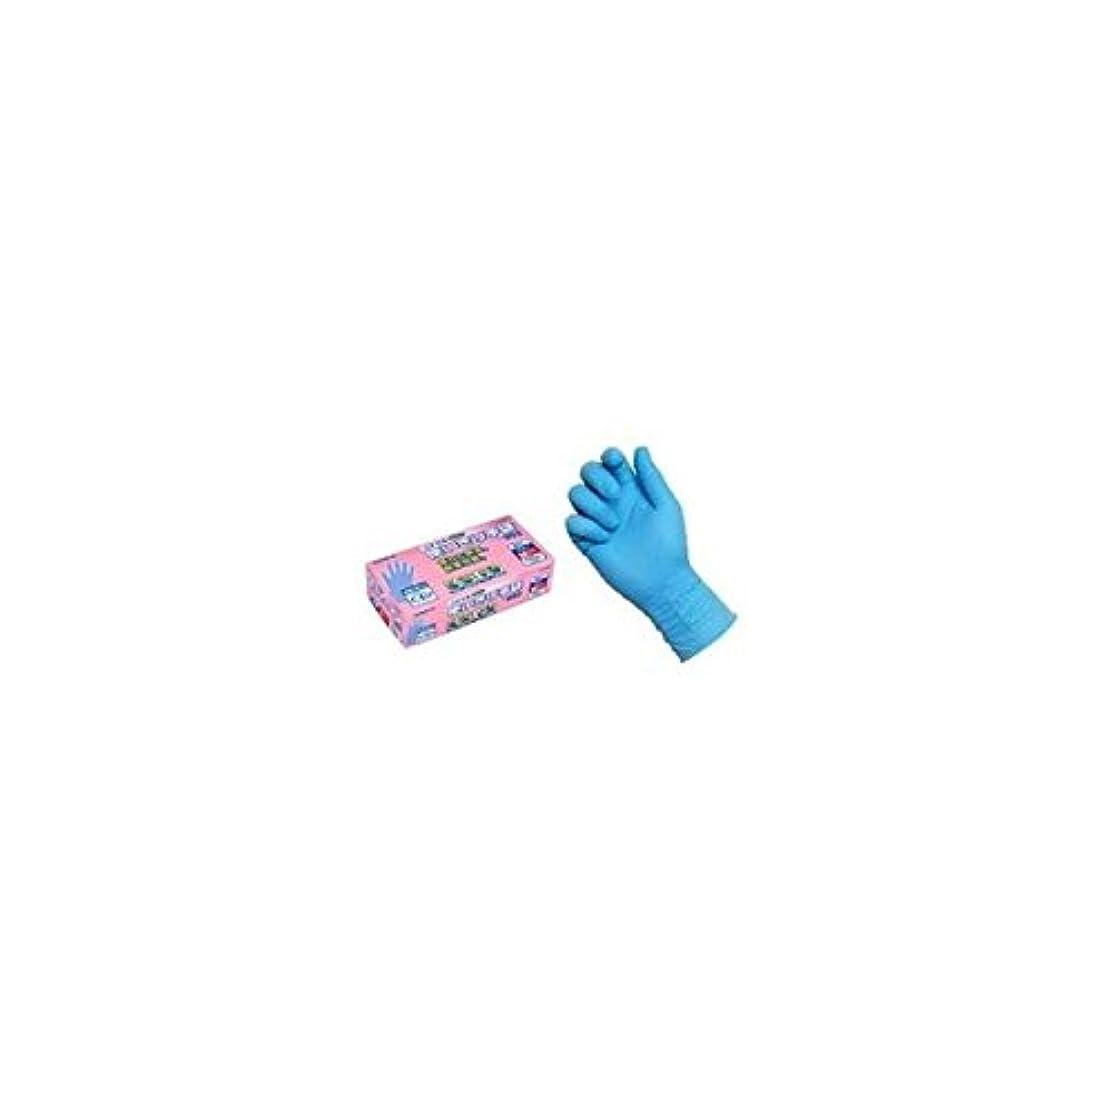 リハーサルタッチ状ニトリル使いきり手袋 PF NO.992 M ブルー エステー 【商品CD】ST4779